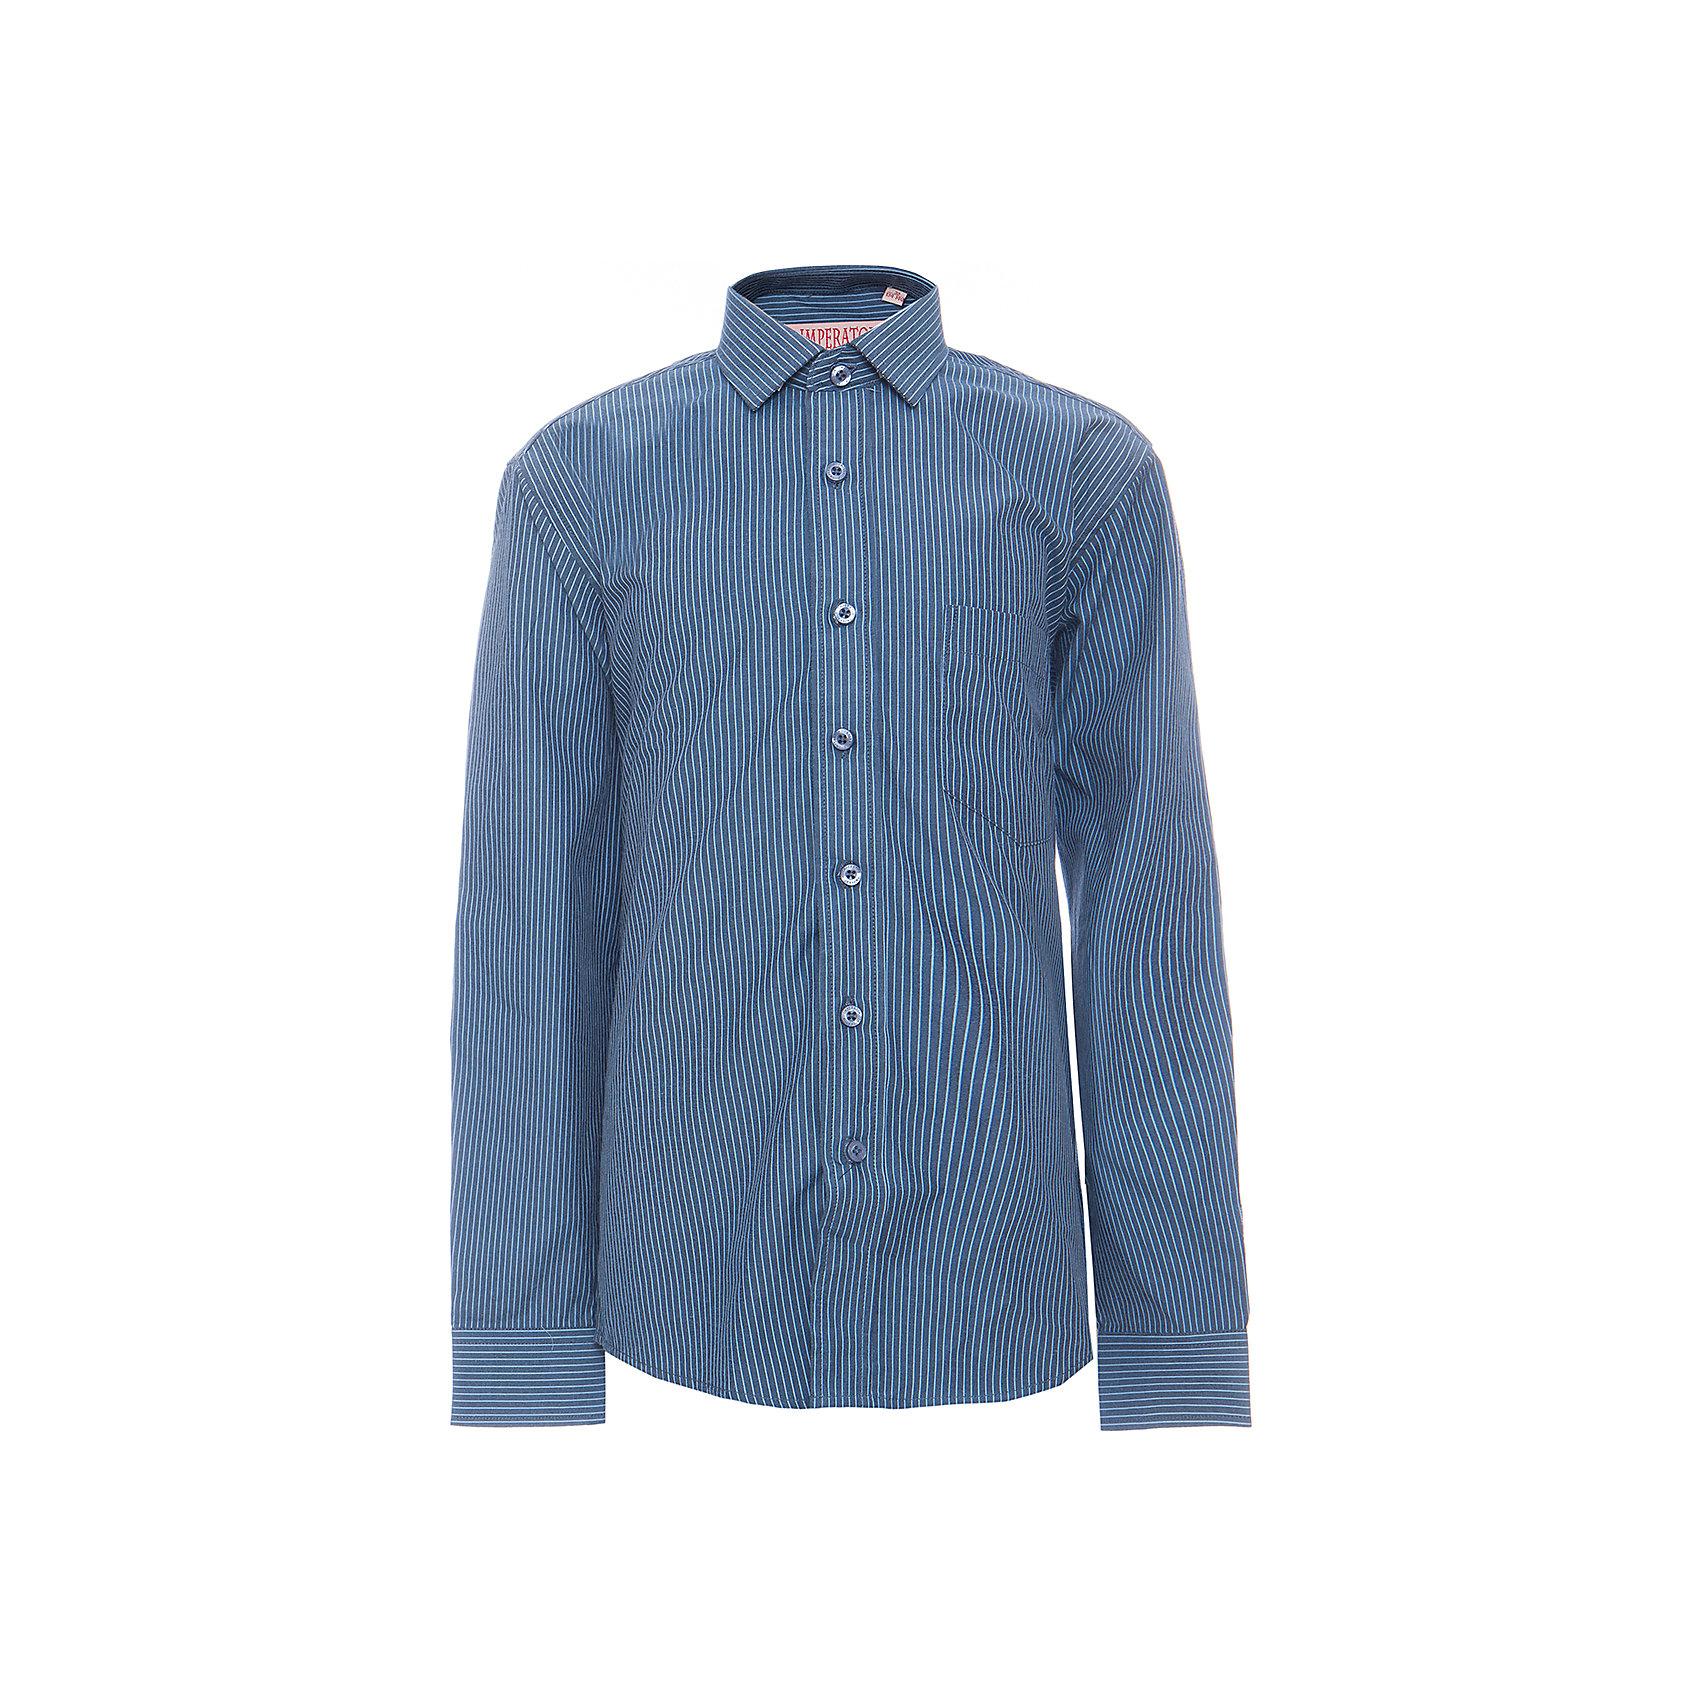 Рубашка для мальчика ImperatorБлузки и рубашки<br>Характеристики товара:<br><br>• цвет: синий<br>• состав ткани: 65% хлопок, 35% полиэстер<br>• особенности: школьная, праздничная<br>• застежка: пуговицы<br>• рукава: длинные<br>• сезон: круглый год<br>• страна бренда: Российская Федерация<br>• страна изготовитель: Китай<br><br>Стильная классическая сорочка для мальчика - отличный вариант практичной и стильной школьной одежды.<br><br>Накладной карман, свободный покрой, дышащая ткань с преобладанием хлопка - красиво и удобно.<br><br>Рубашку для мальчика Imperator (Император) можно купить в нашем интернет-магазине.<br><br>Ширина мм: 174<br>Глубина мм: 10<br>Высота мм: 169<br>Вес г: 157<br>Цвет: синий<br>Возраст от месяцев: 132<br>Возраст до месяцев: 144<br>Пол: Мужской<br>Возраст: Детский<br>Размер: 152/158,164/170,158/164,122/128,128/134,134/140,140/146,146/152,146/152,152/158<br>SKU: 6860798